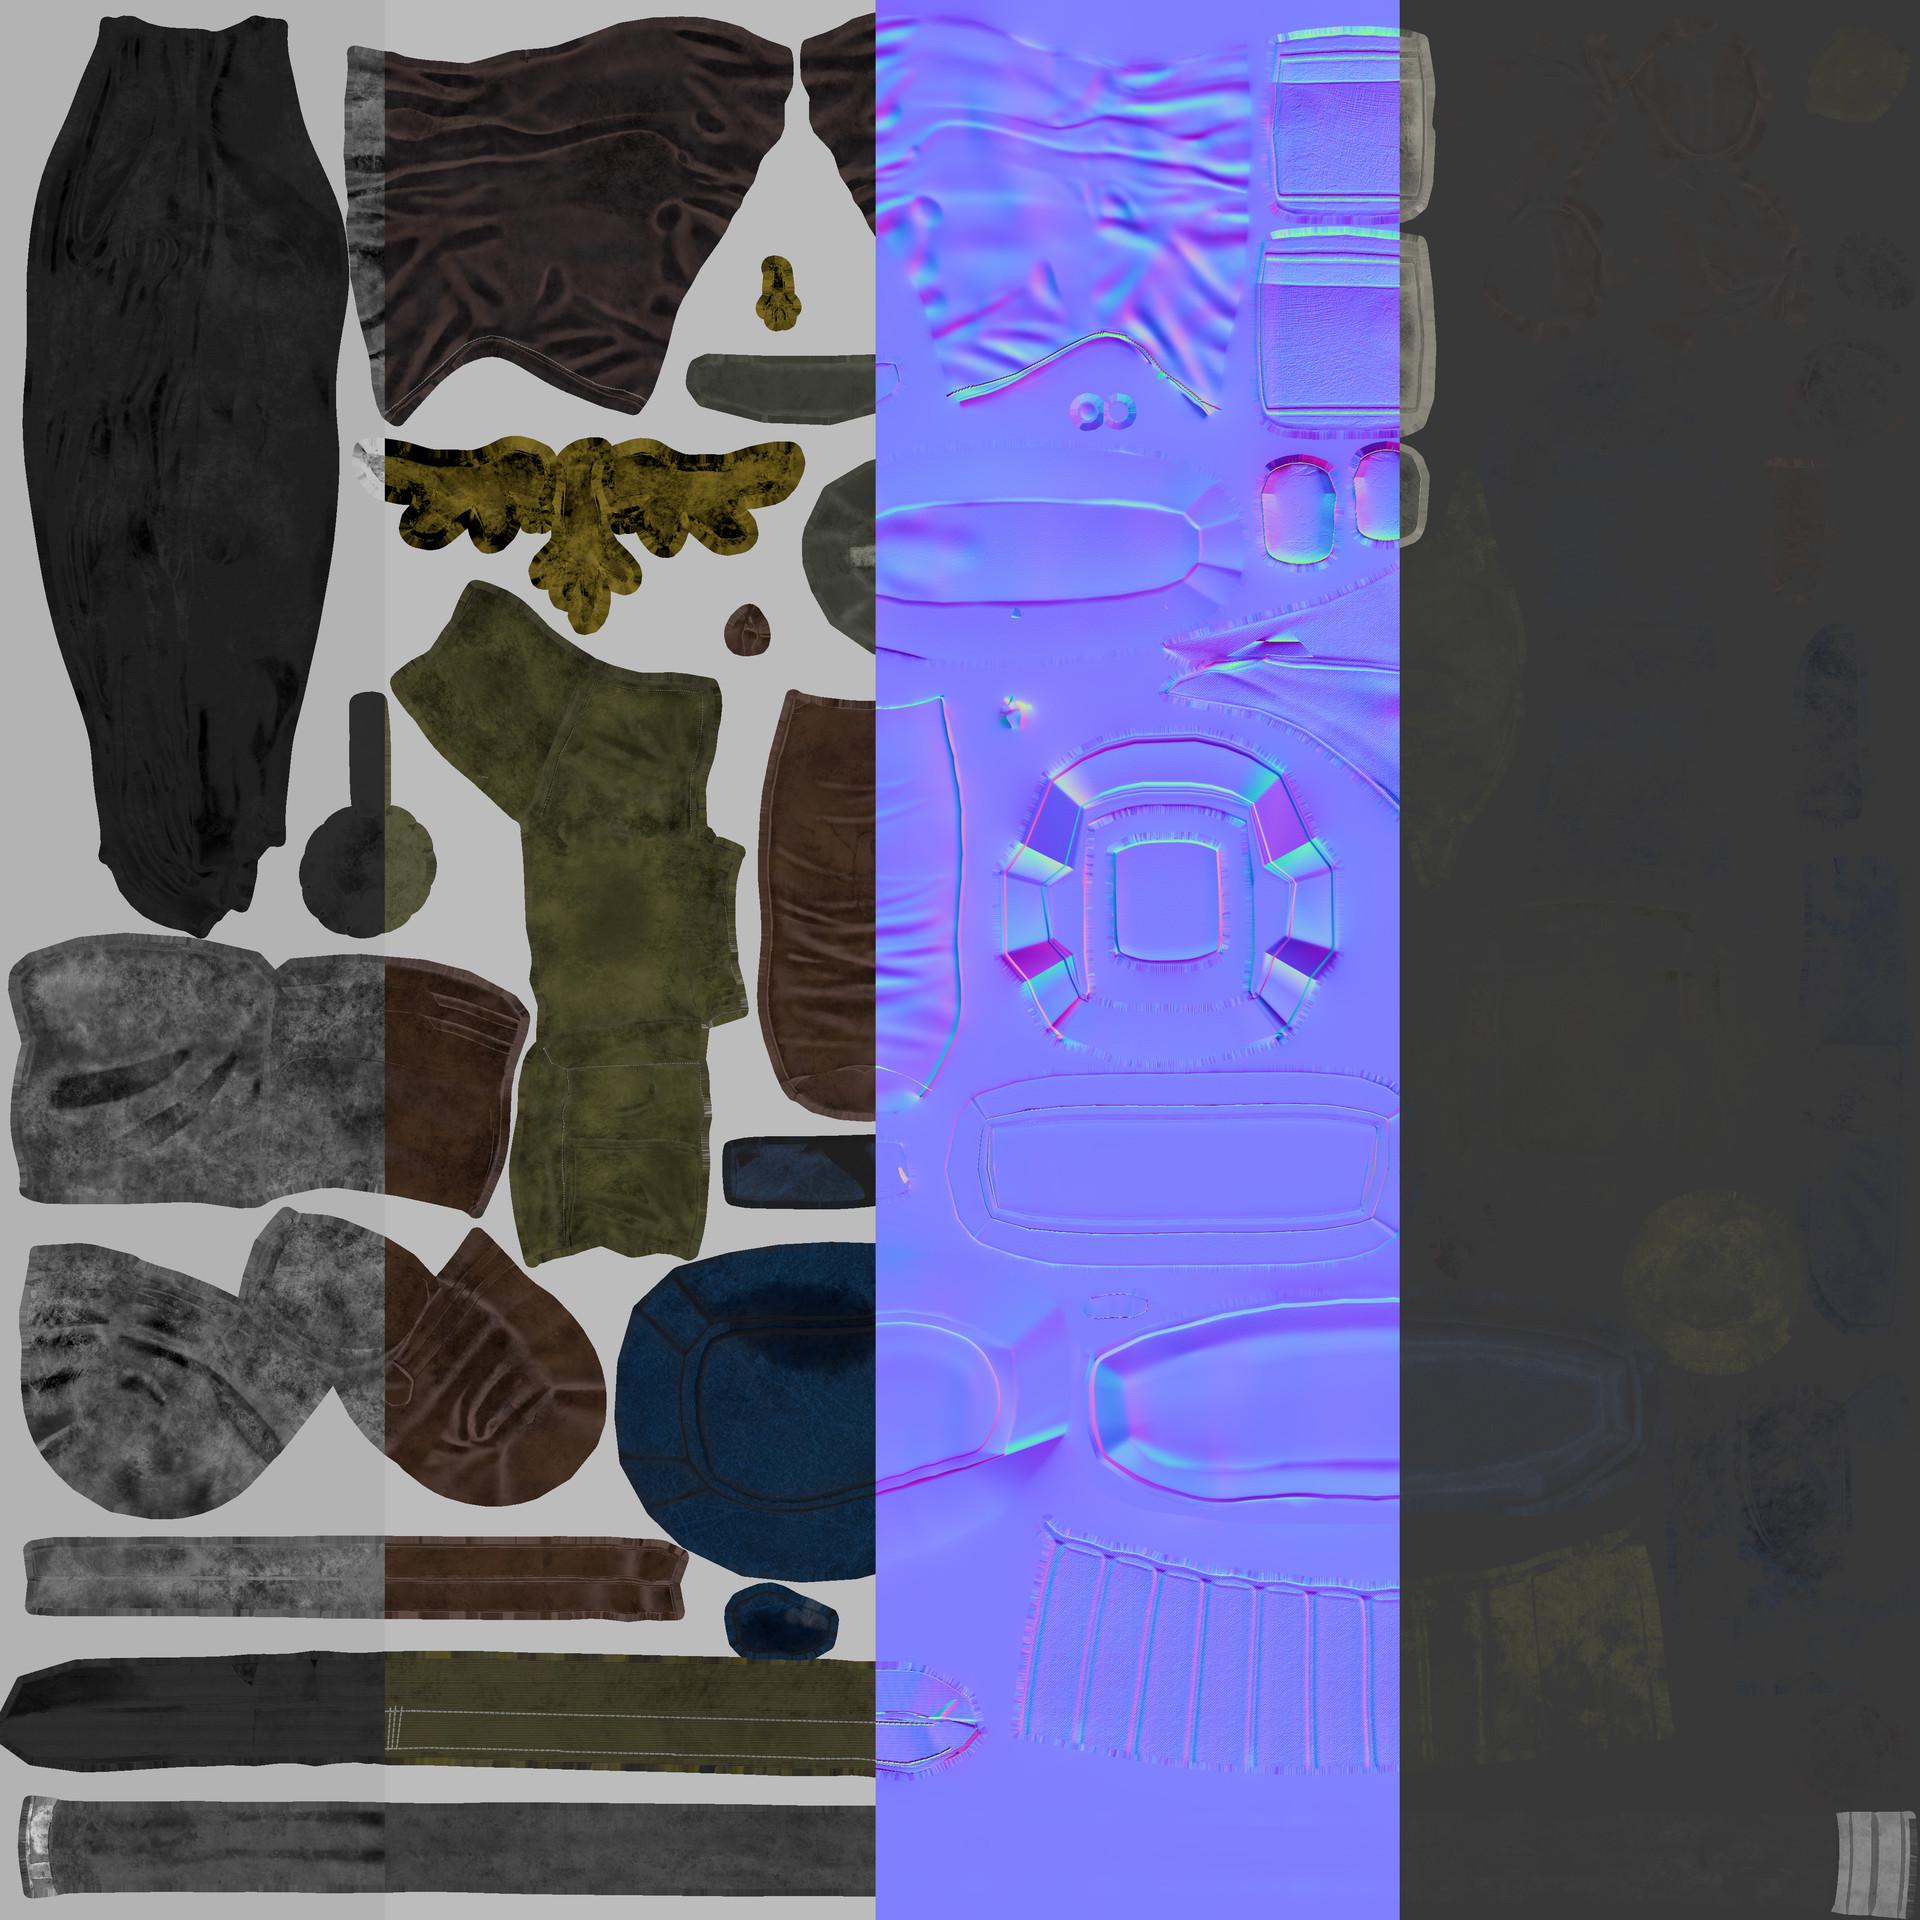 [Image: lucas-silva-diffuse.jpg?1539045352]